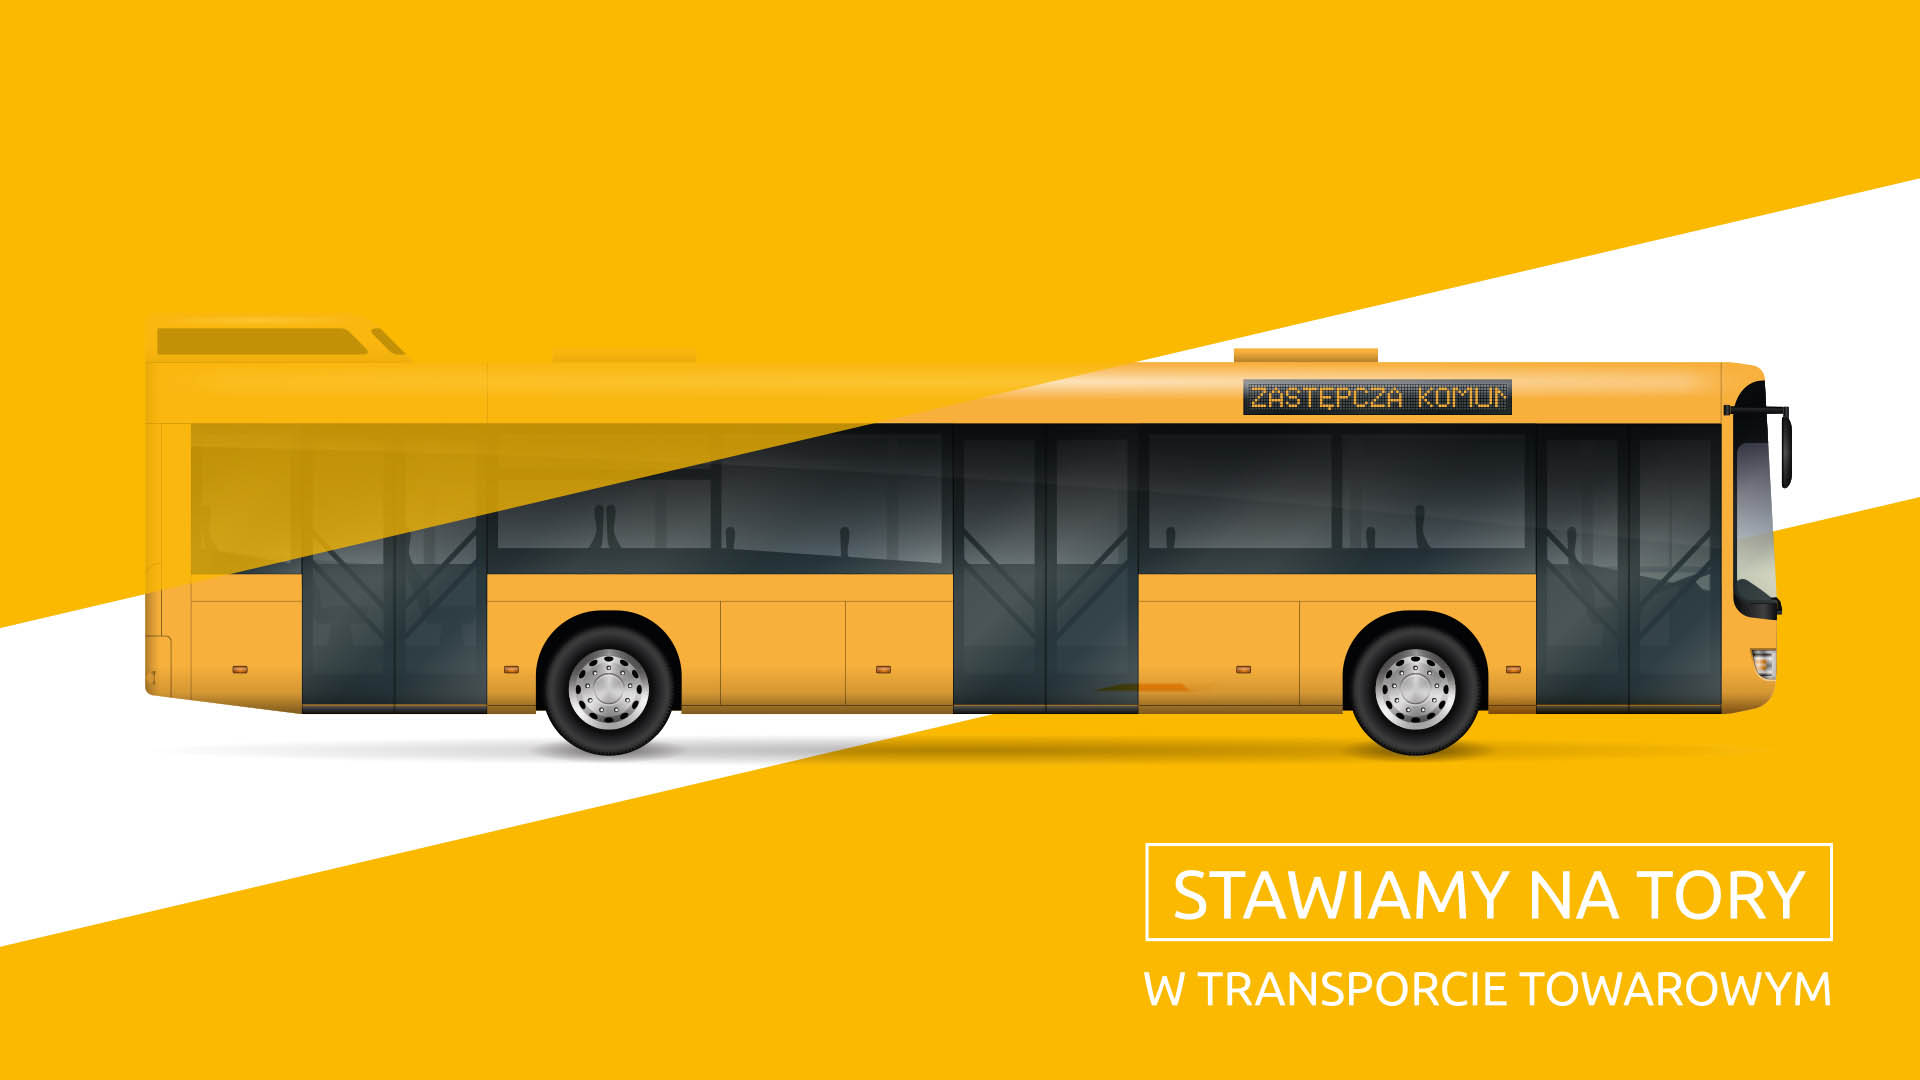 Obrazek: żółty autobus